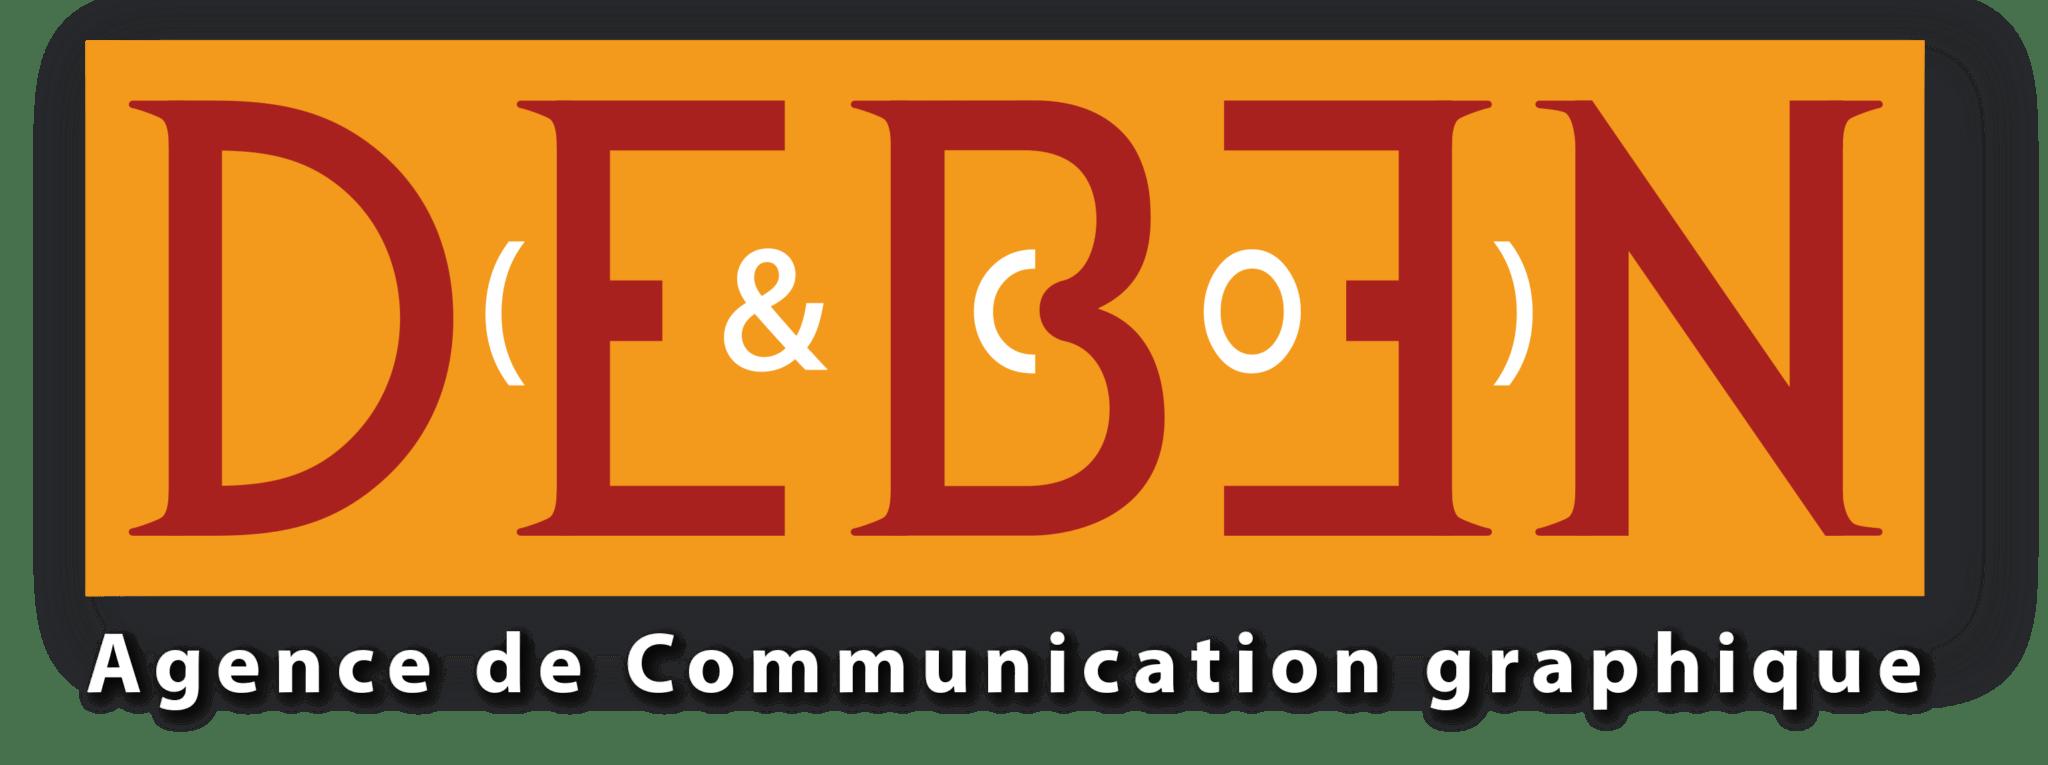 Agence de communication graphique